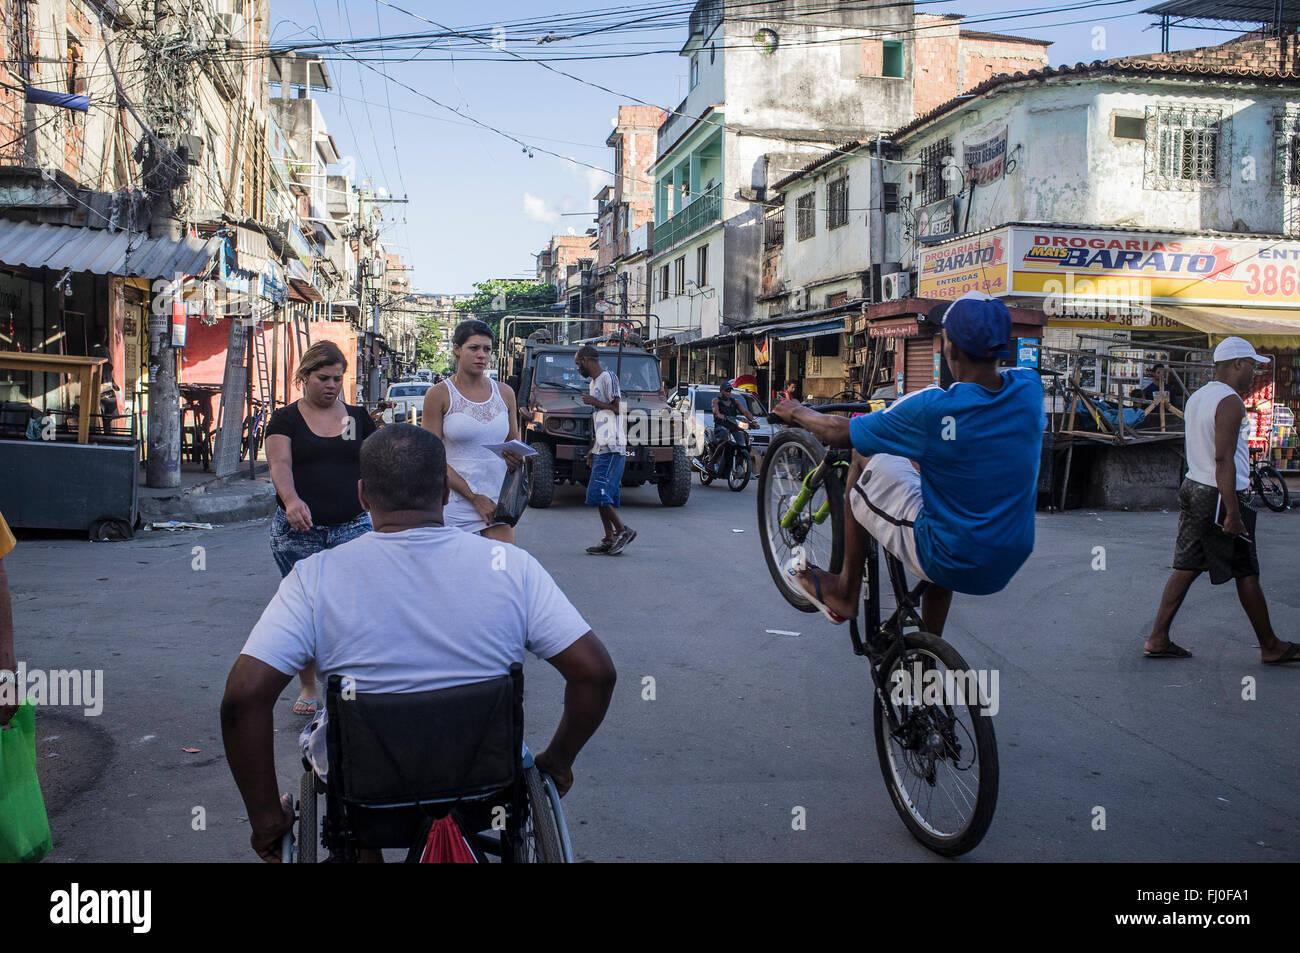 Daily life and Army occupation of Complexo da Maré, a deprived slum area near the Rio de Janeiro International - Stock Image